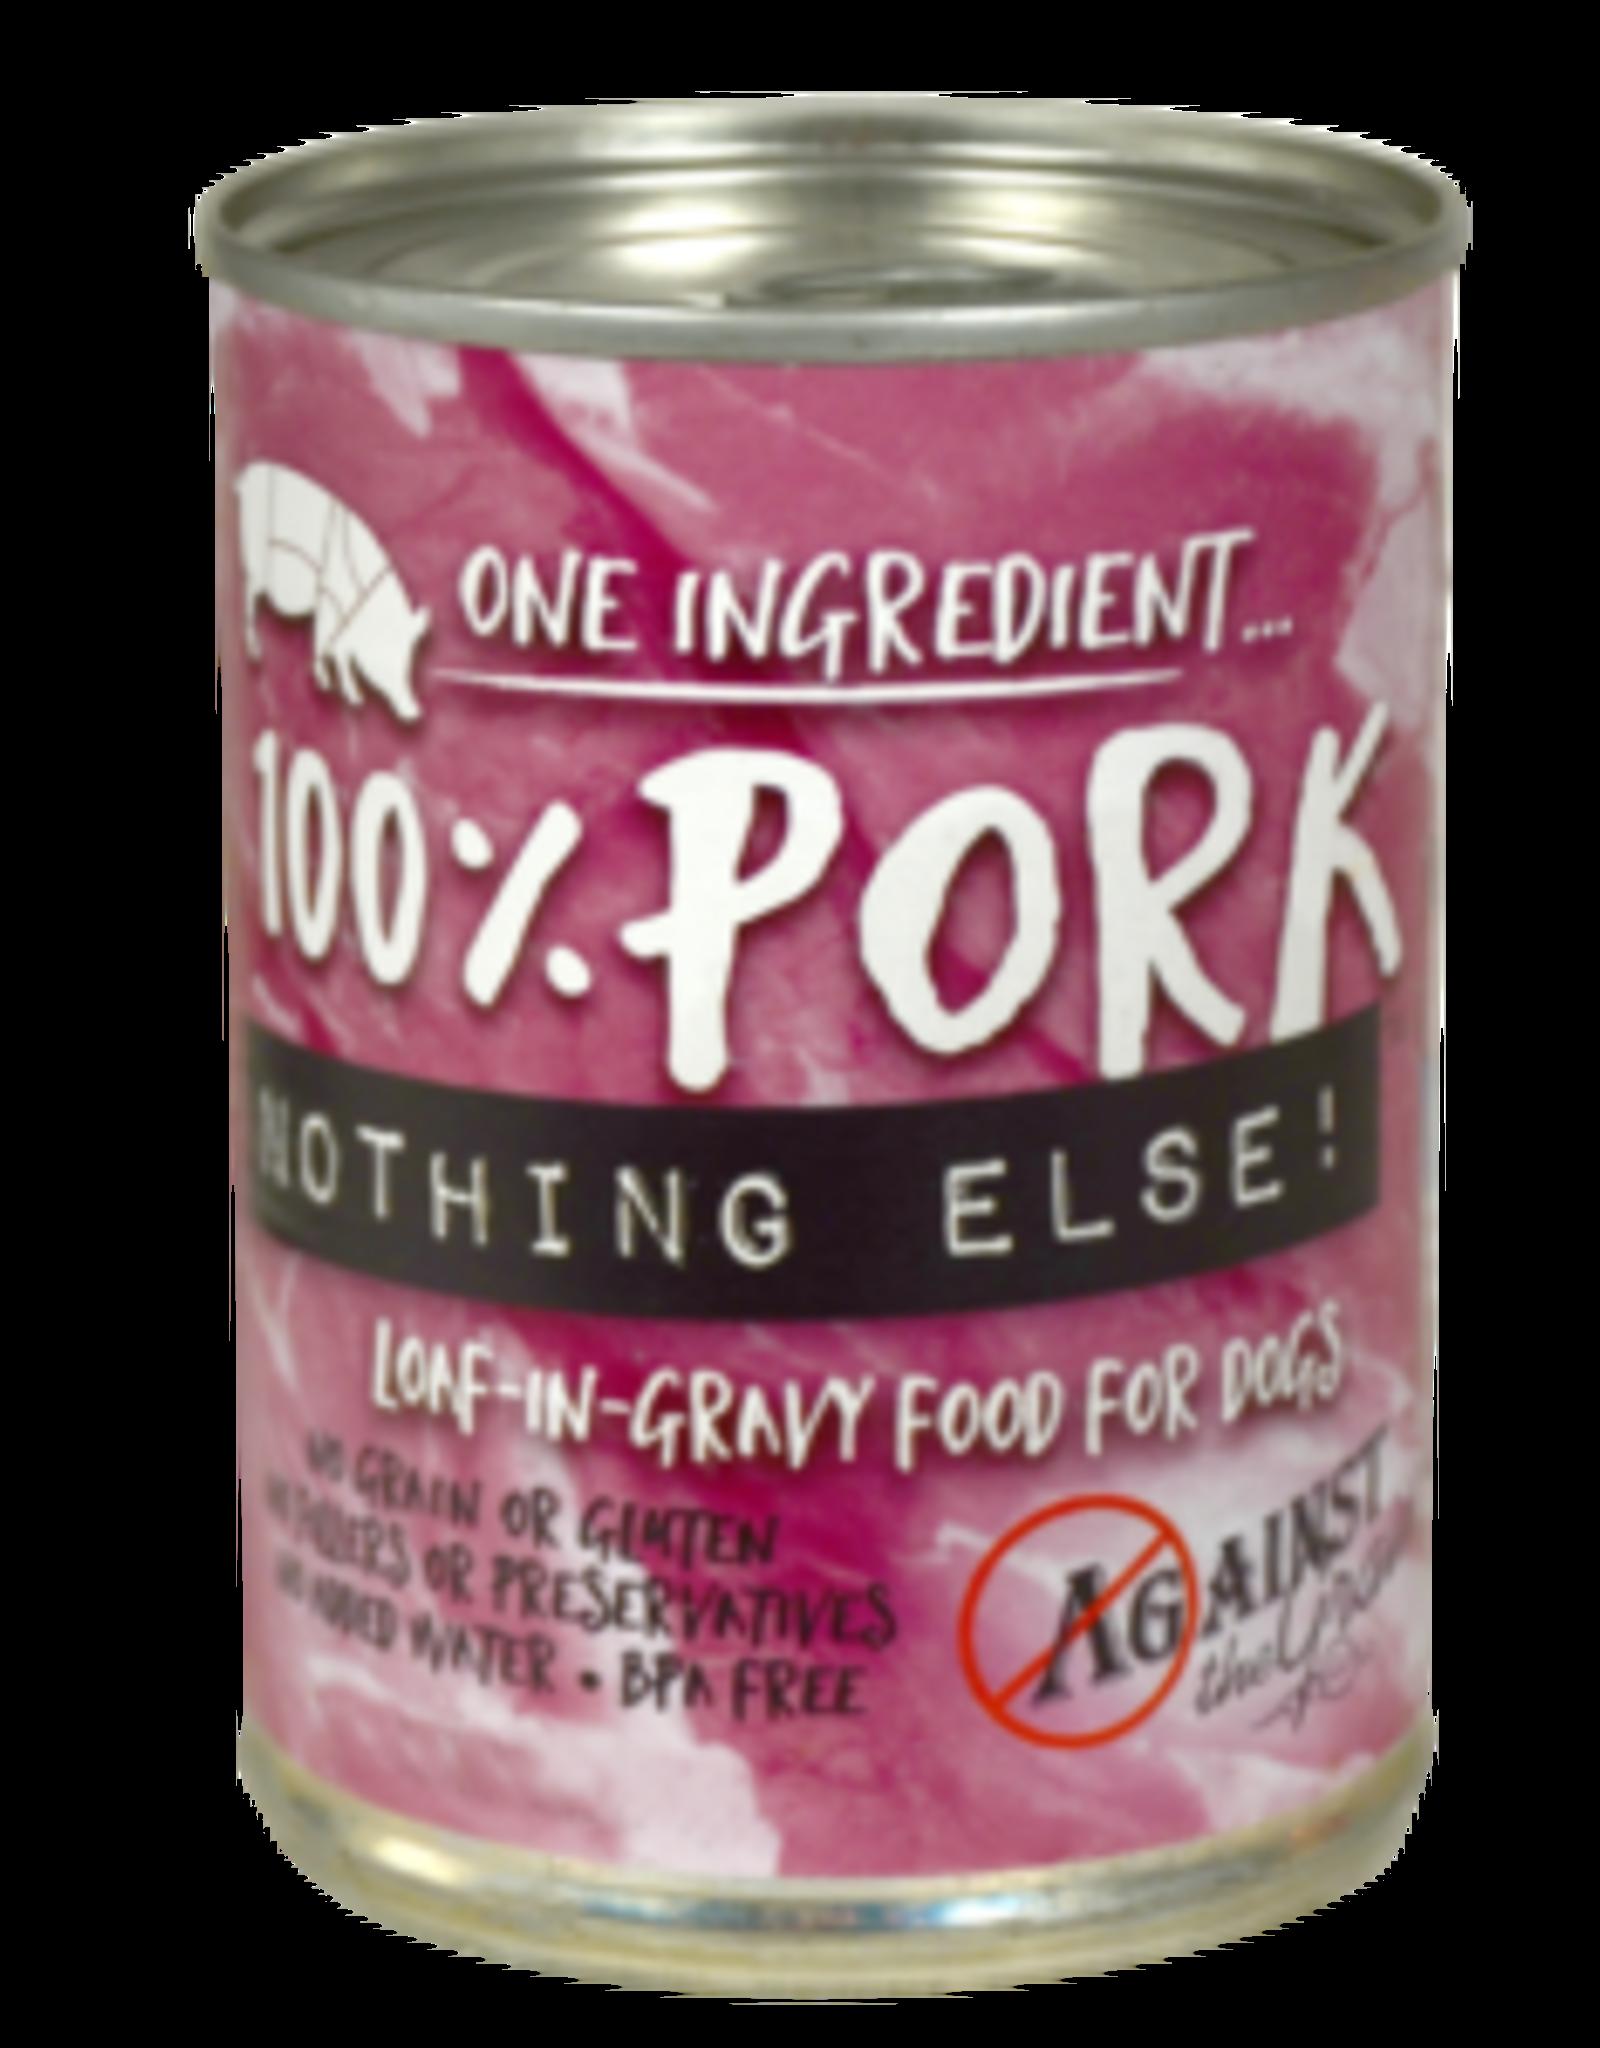 Against The Grain Against the Grain 100% Pork Nothing Else 11oz